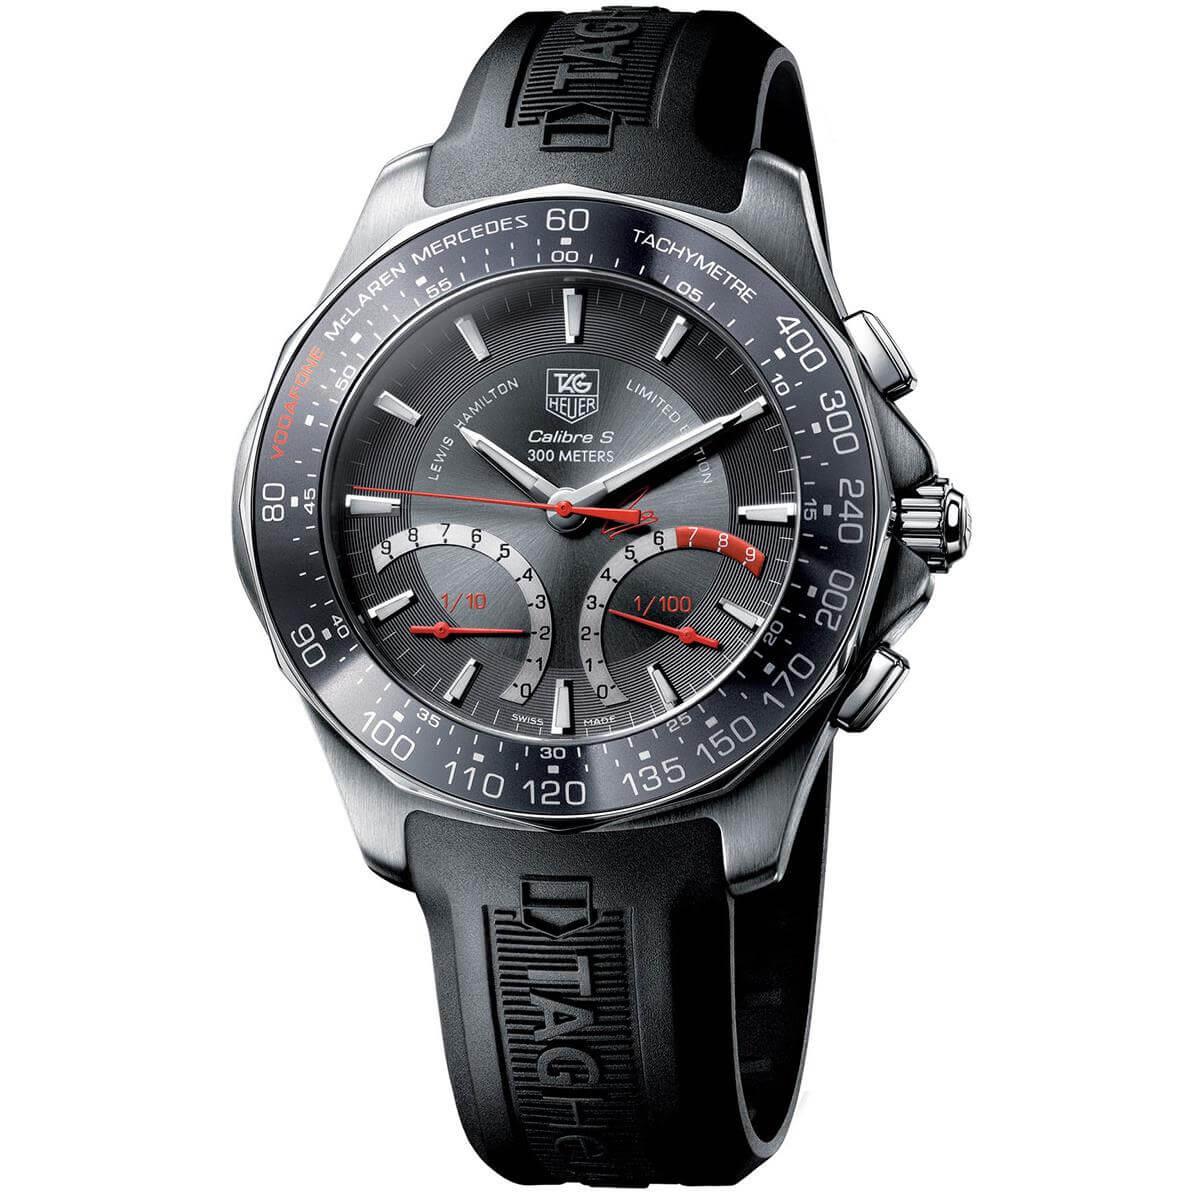 en iyi erkek saat markası hangisi